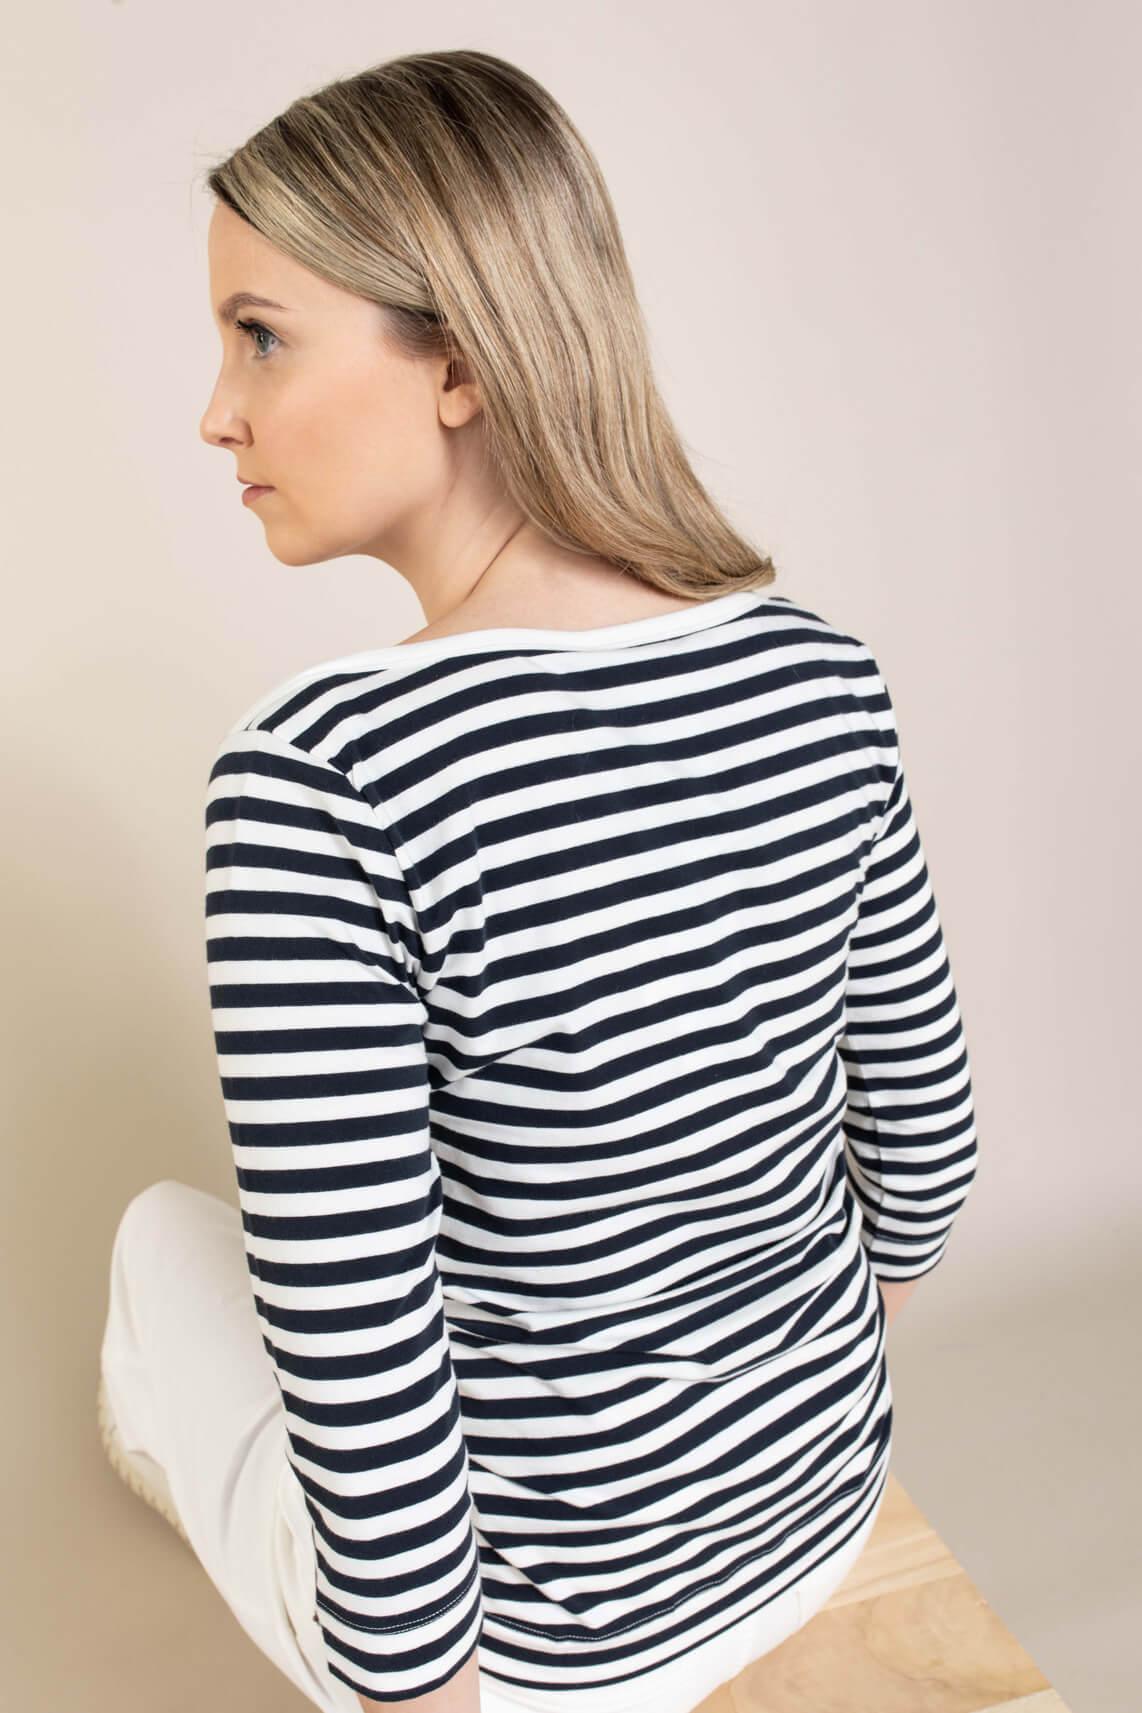 Penn & Ink Dames Gestreept shirt Blauw